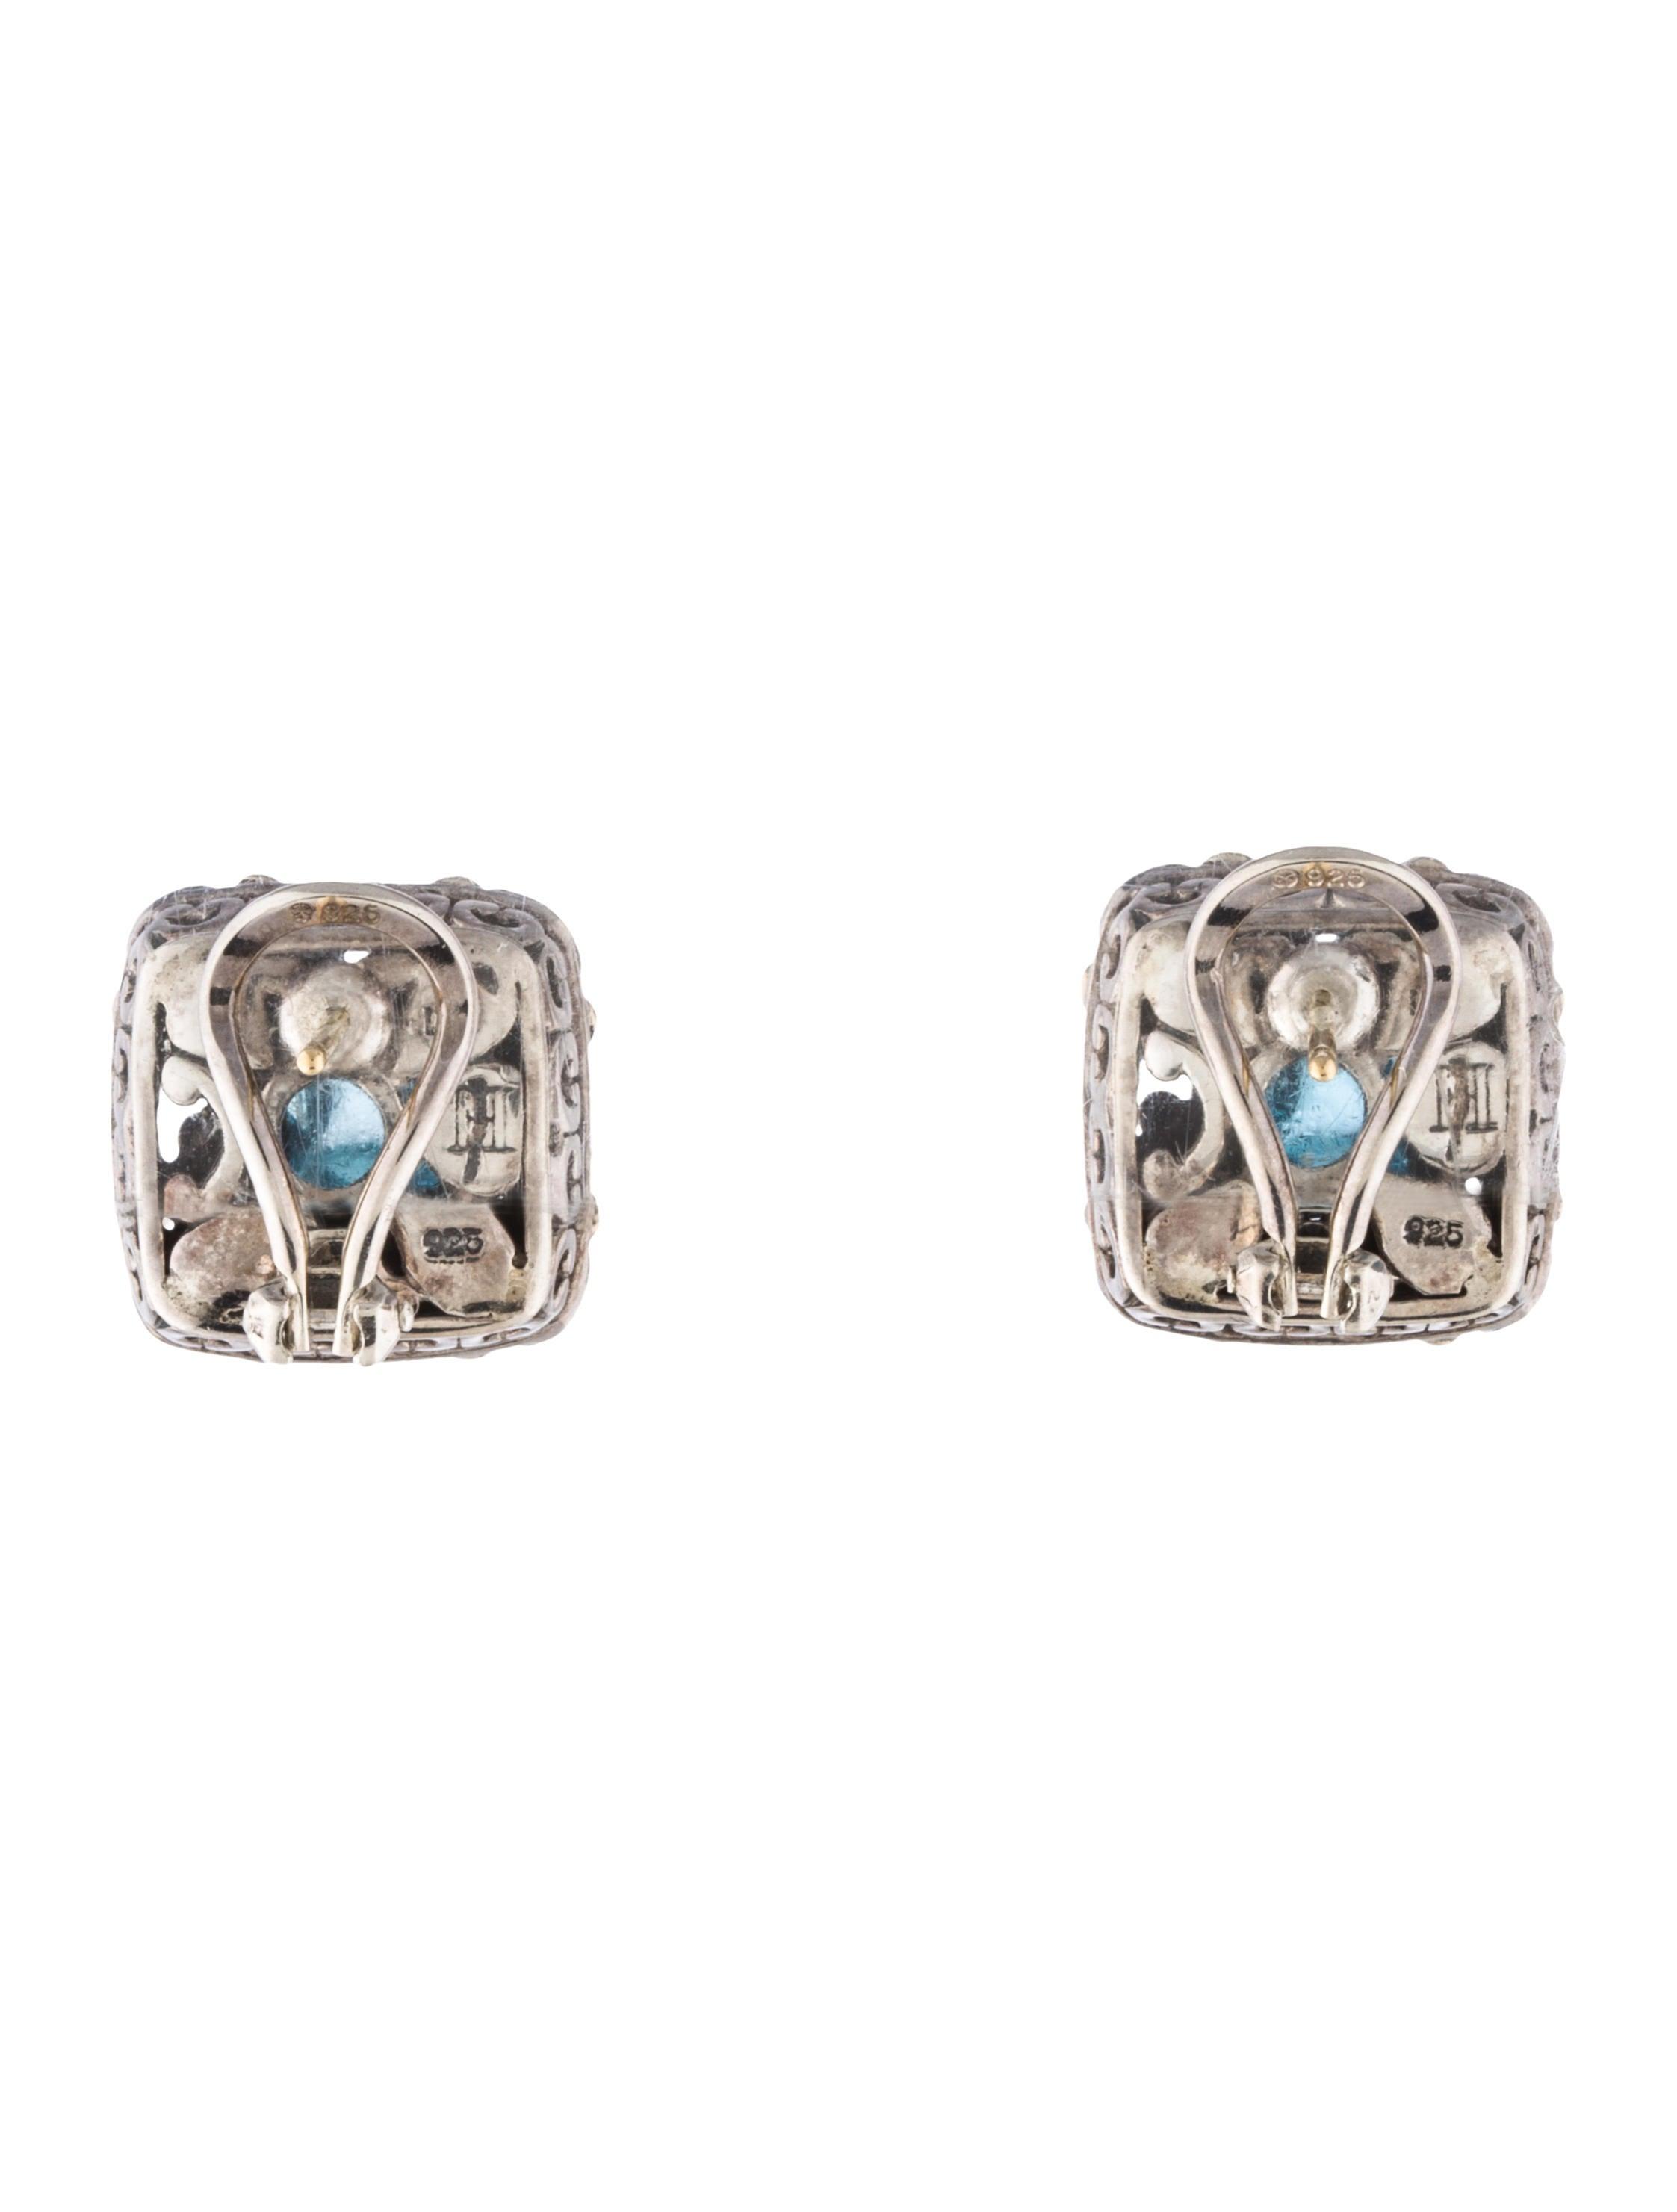 John hardy topaz ear clip earrings earrings jha26267 for John hardy jewelry earrings